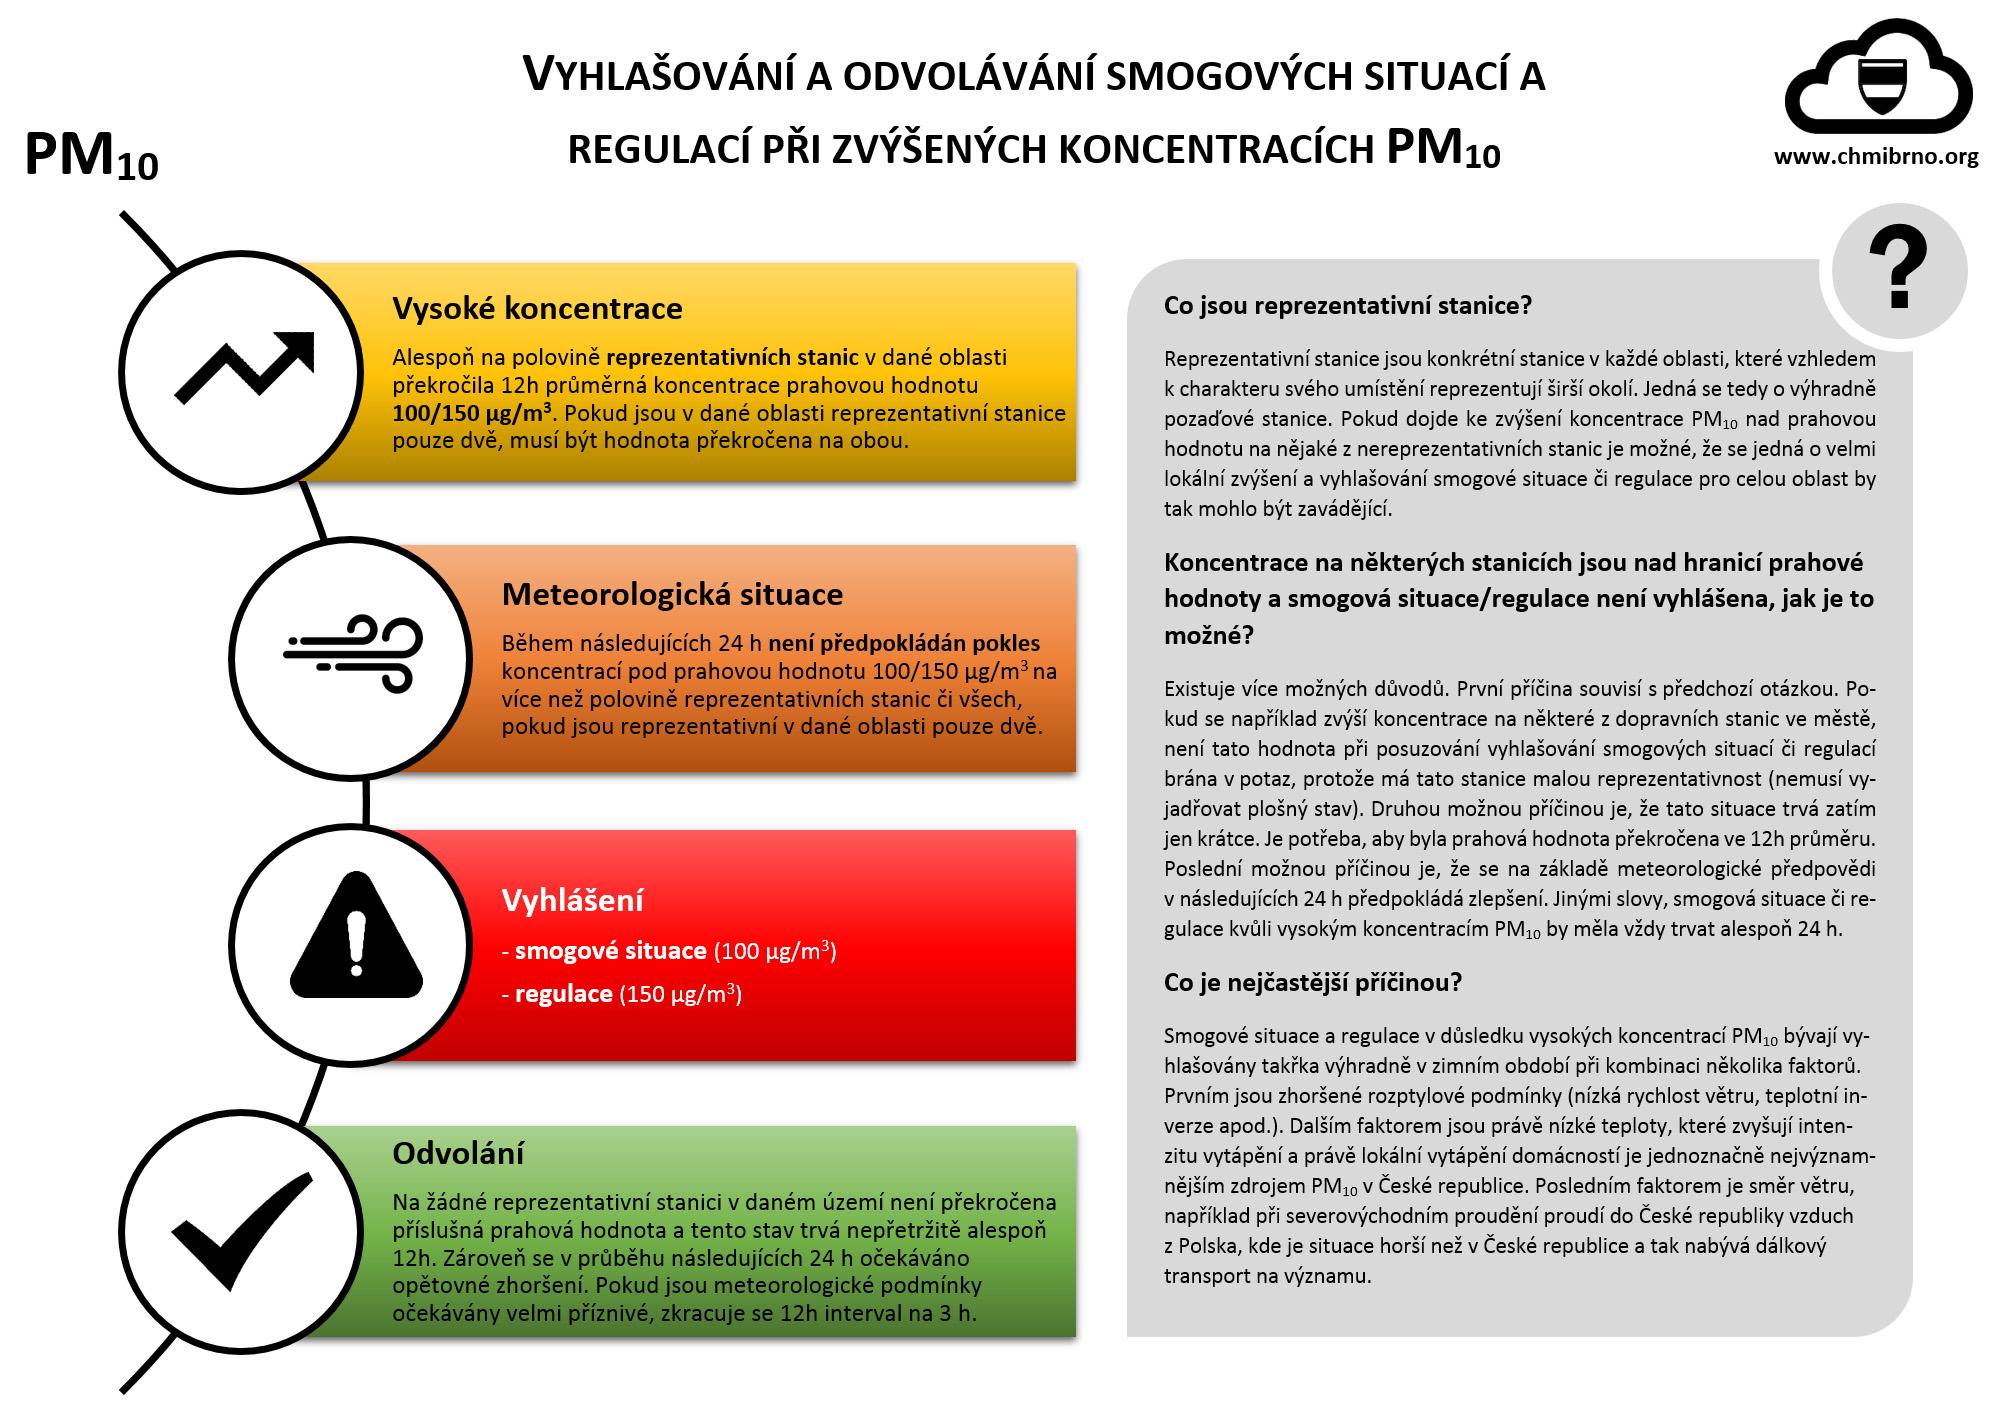 Jak se vyhlašují smogové situace a regulace pro PM10?1 min čtení